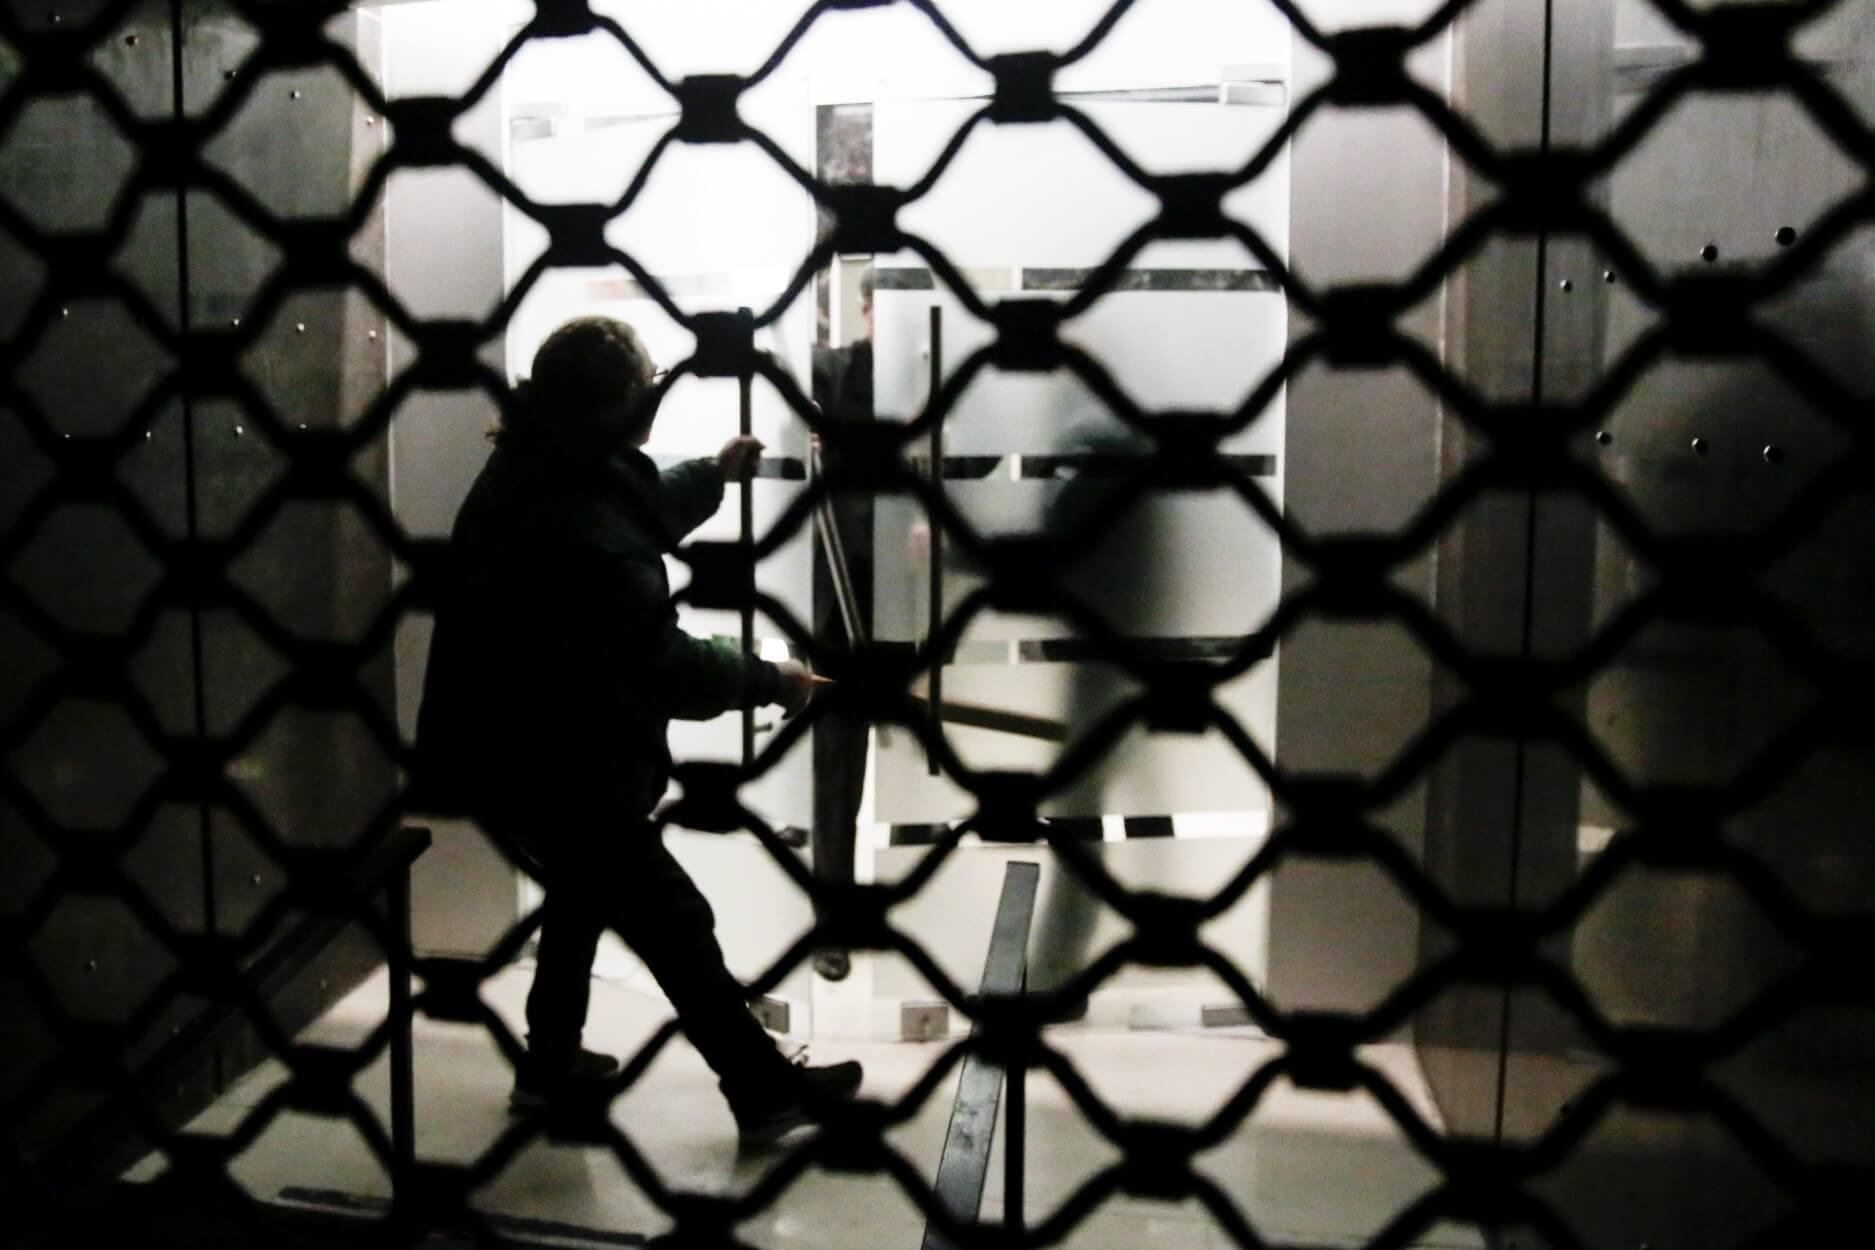 Απεργία σήμερα 21/02 και δρόμοι κλειστοί στην Αθήνα – Χωρίς ηλεκτρικό για 3 ώρες